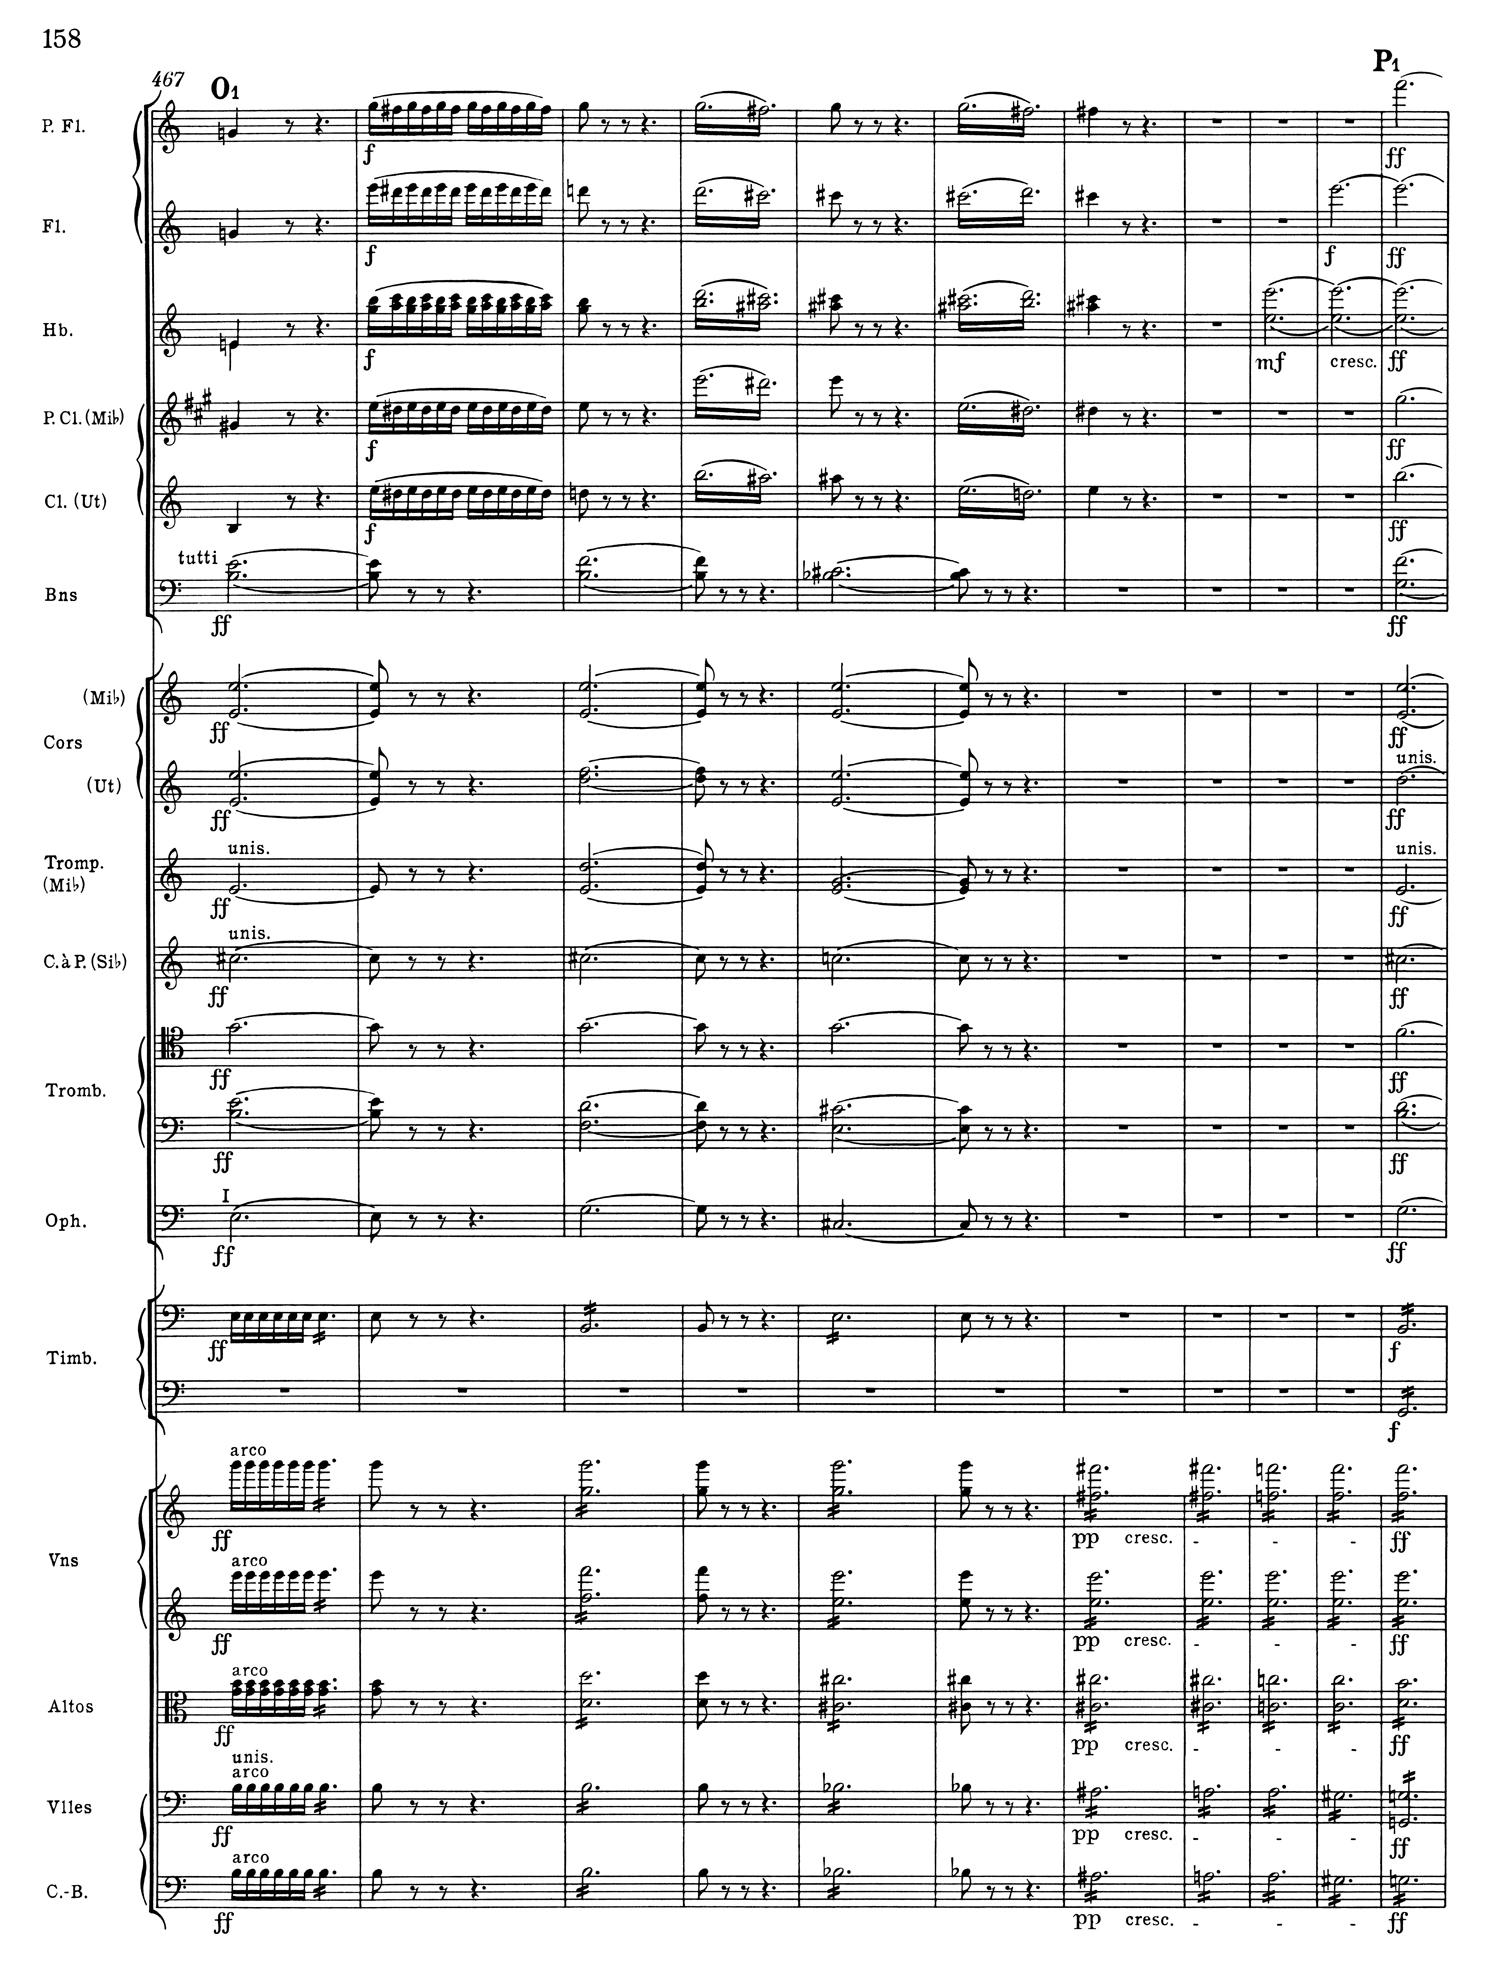 Berlioz Mvt 5 Score 5.jpg